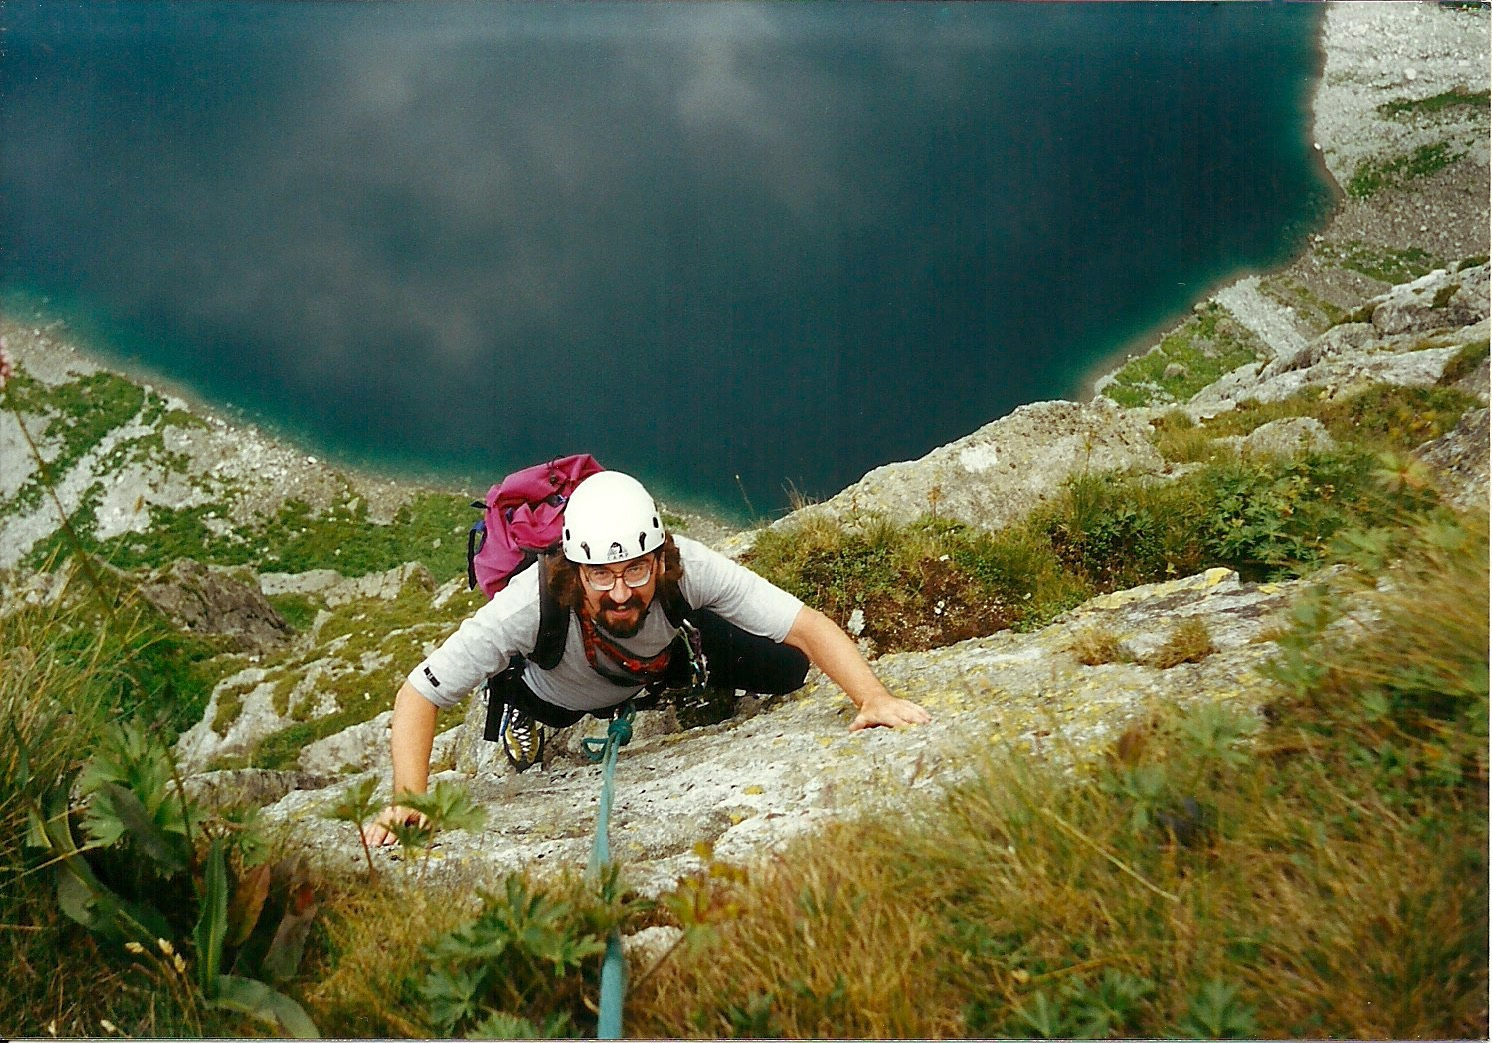 """Na drodze """"Schody do nieba"""" na Kazalnicy Mięguszowieckiej w Tatrach w 2002 roku, na drugim planie, w dole, tafla Czarnego Stawu (fot. Jan Hobrzański)"""